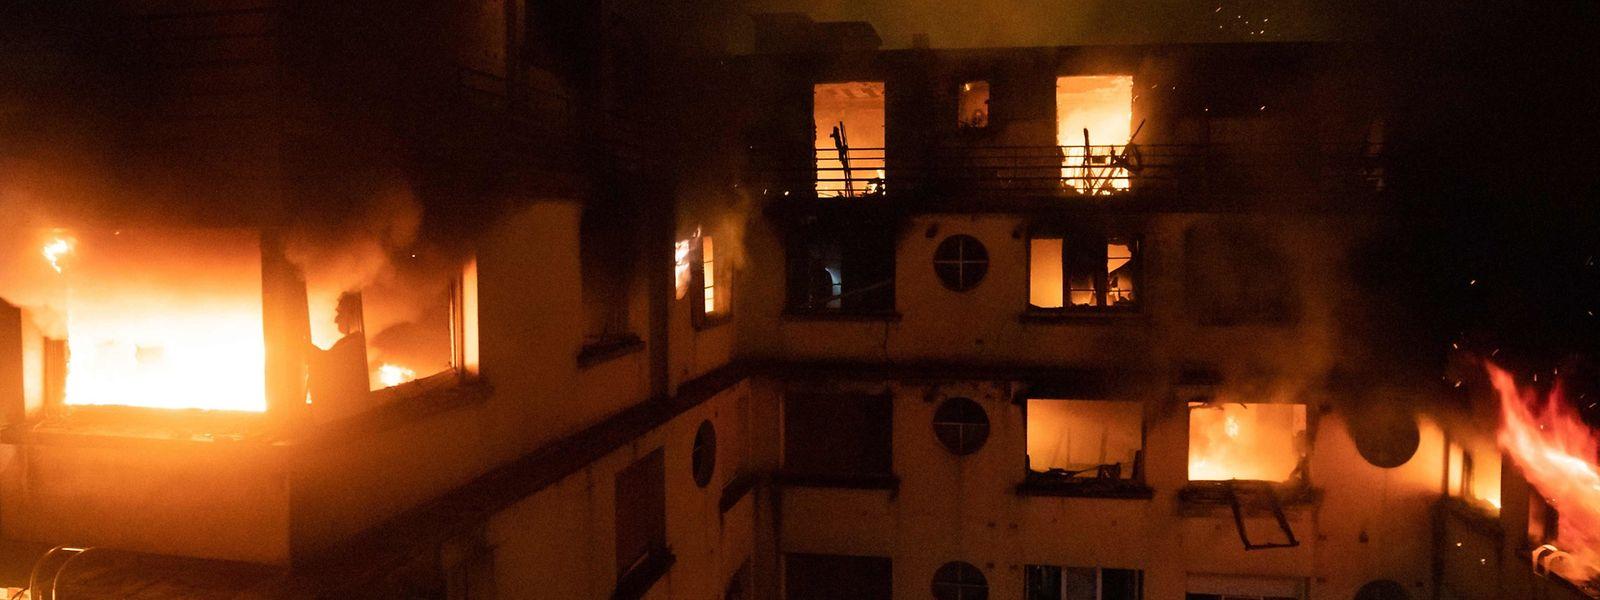 Das achtstöckige Gebäude in der Rue Erlanger musste komplett geräumt werden.